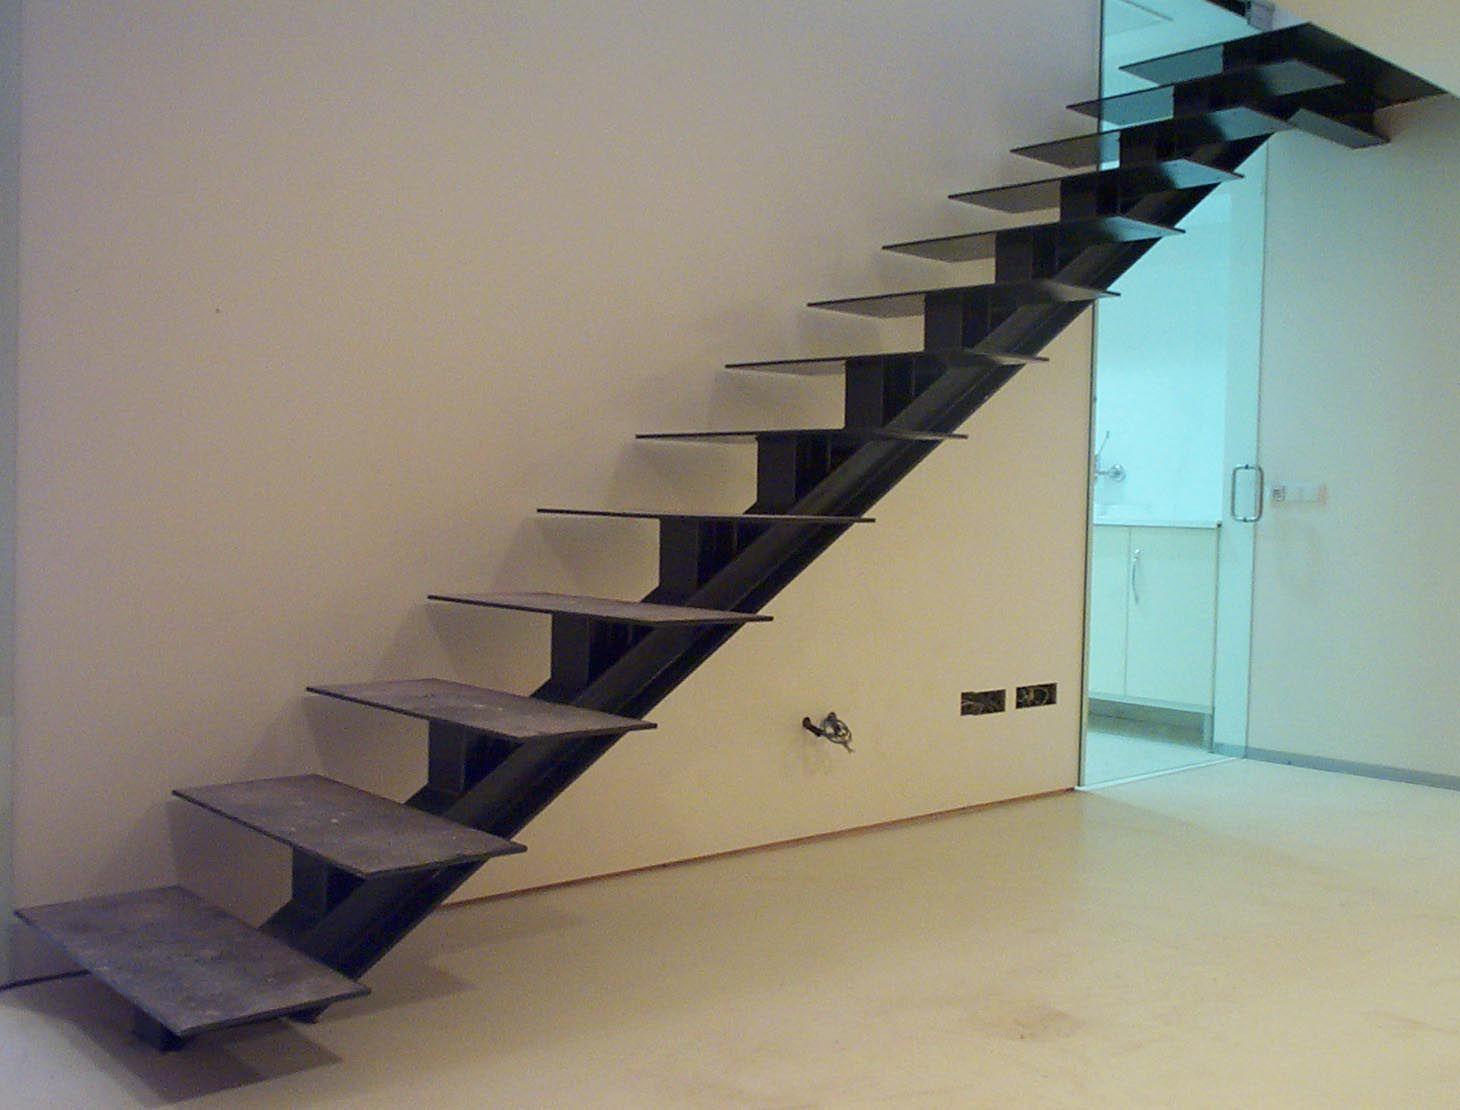 Escaleras de estructura de hierro buscar con google - Escaleras de hierro ...